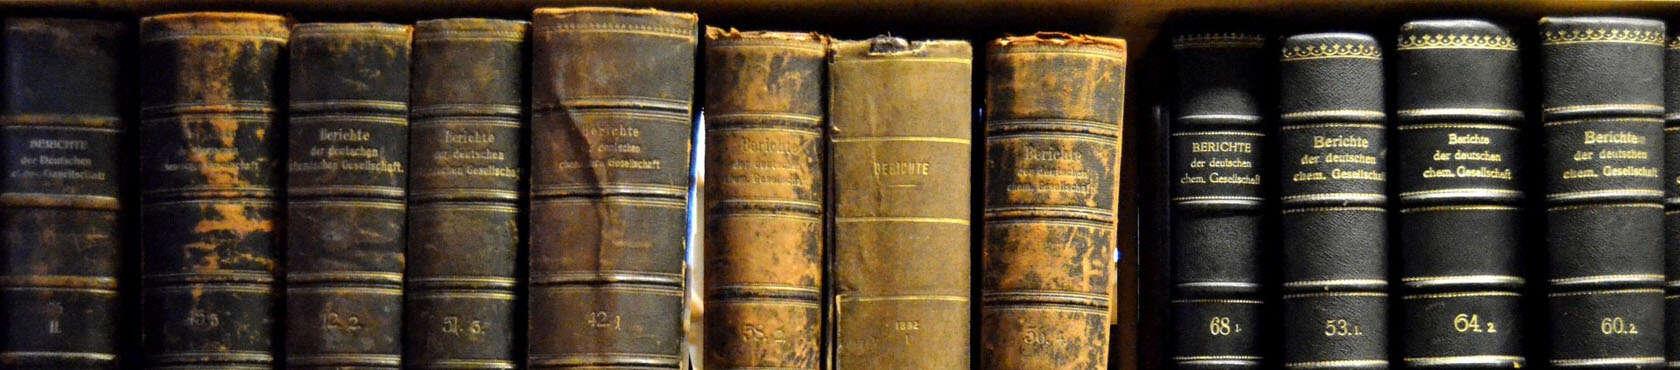 Übersichtsbild mit vielen alten Büchern für die Sektion Bücher rund um die Inka-Religion